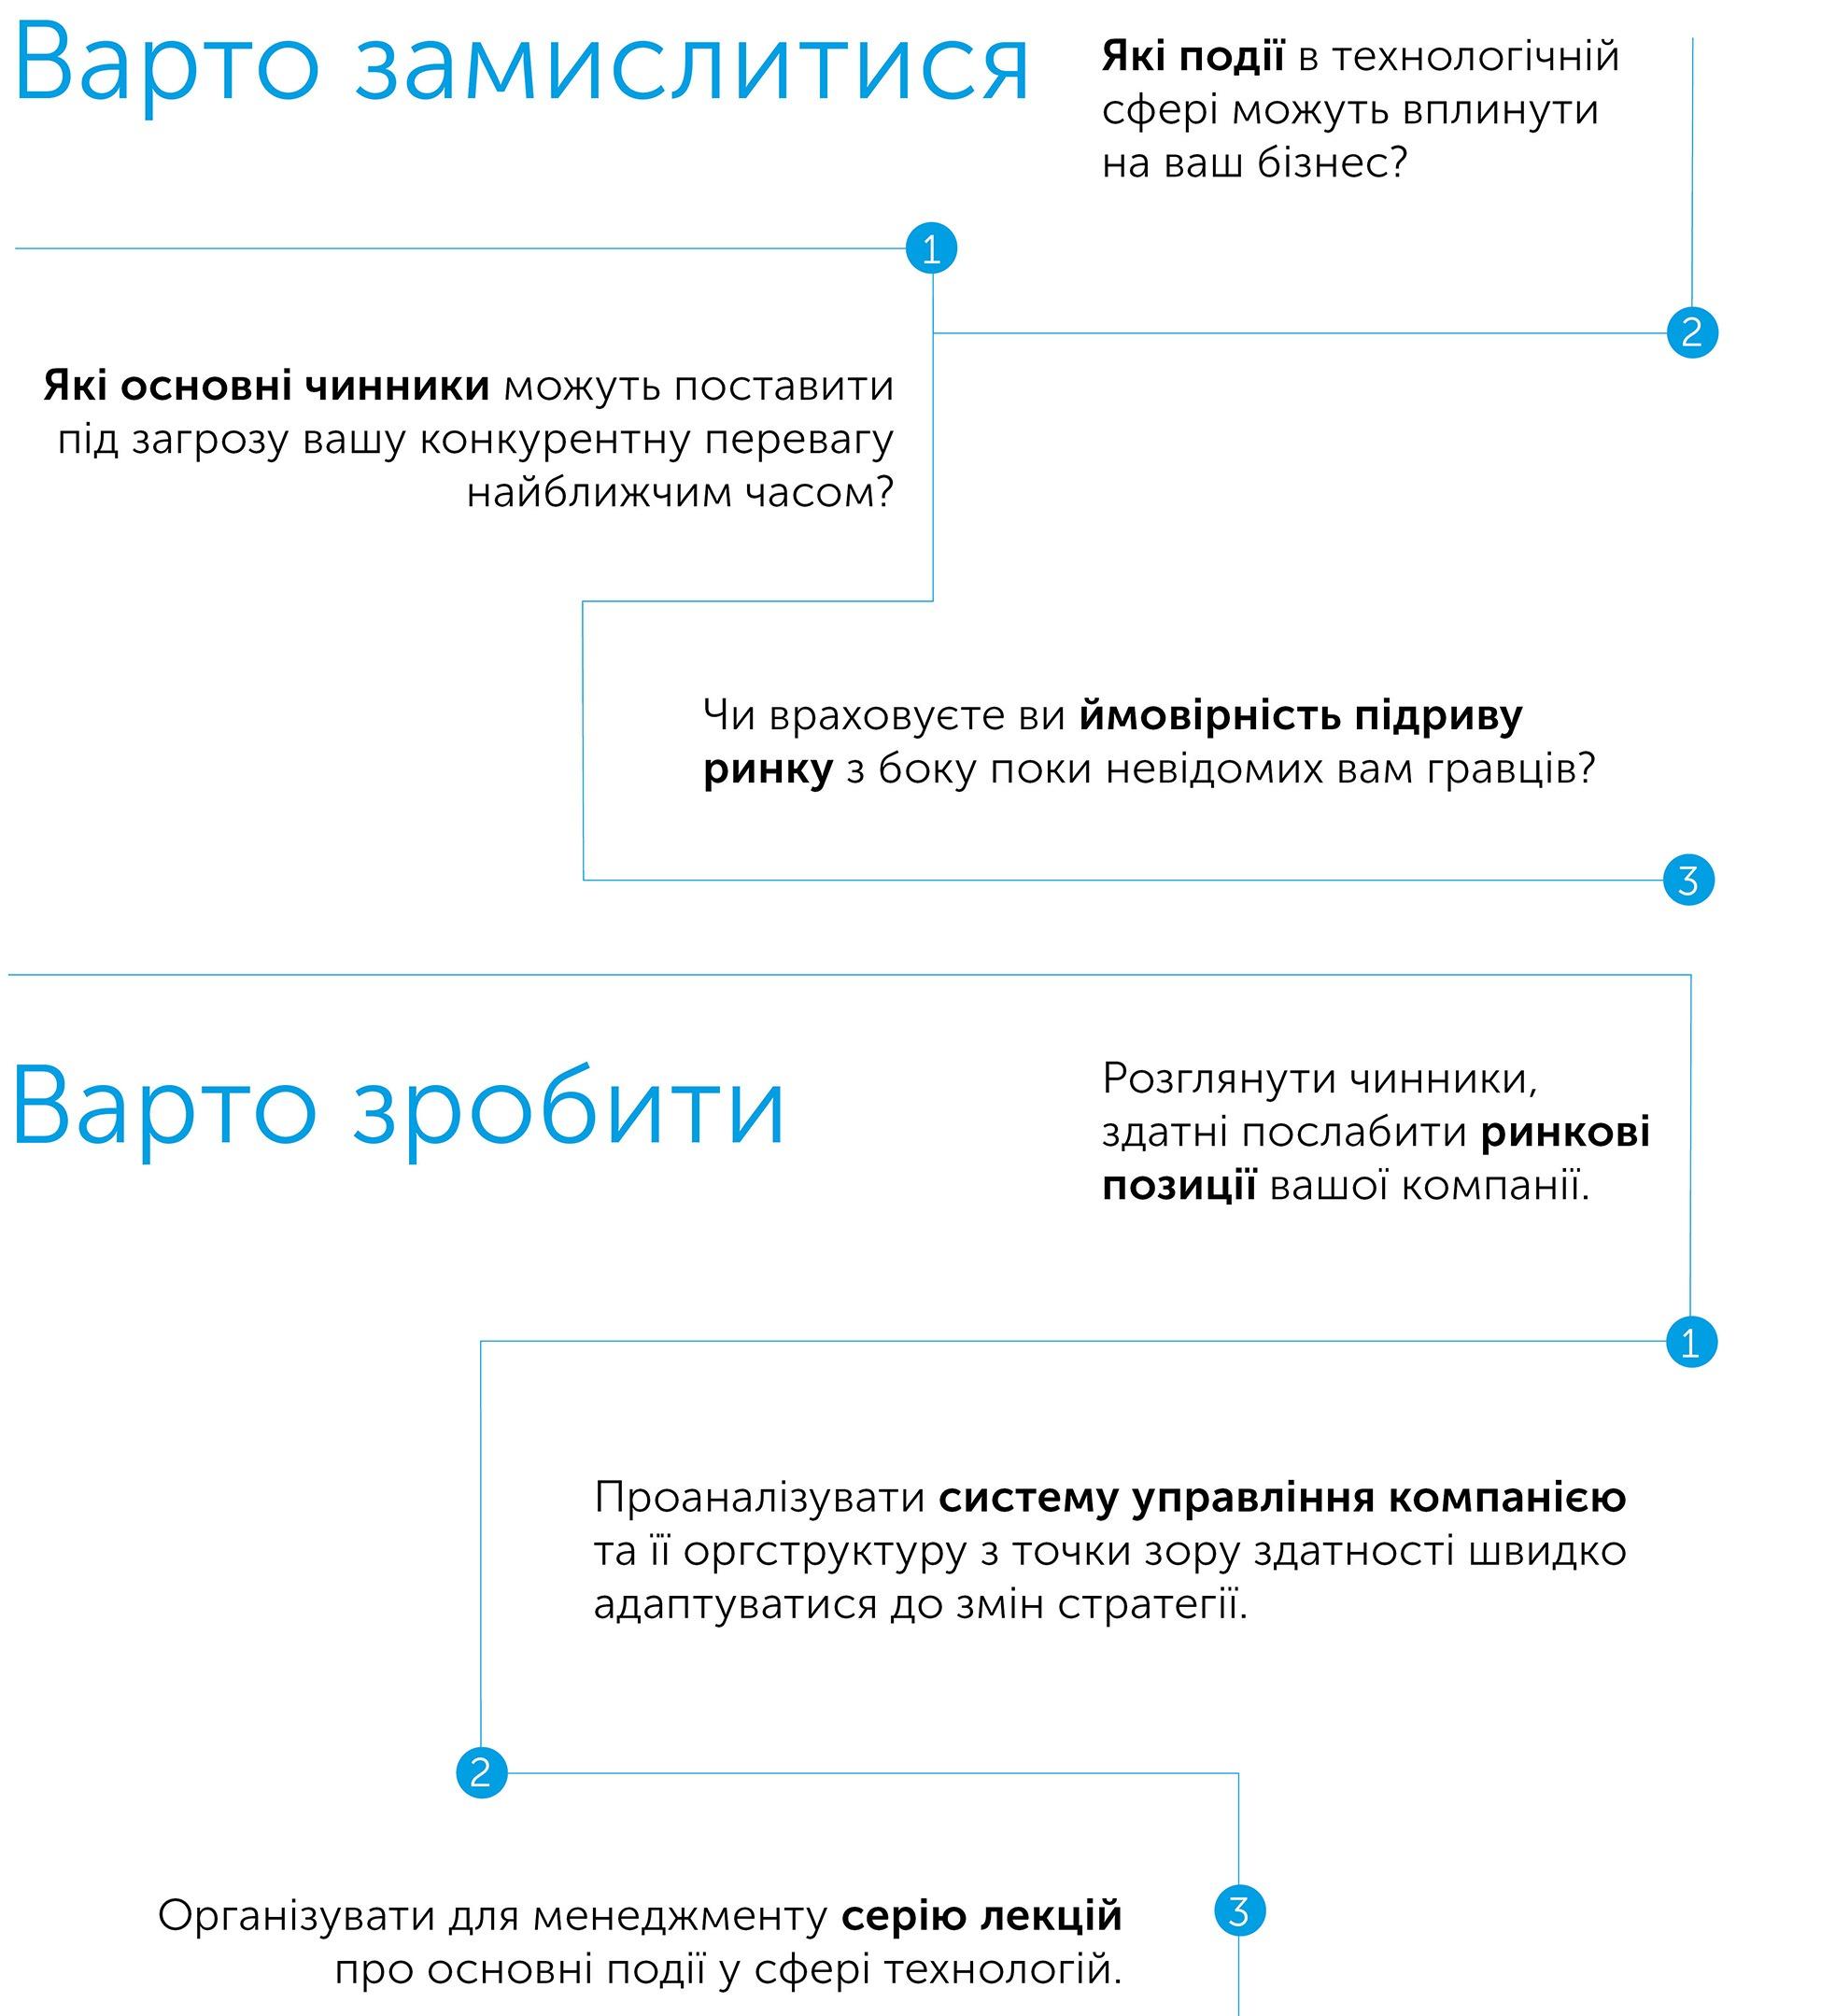 Повсякденний хаос. Про технології, складність та про те, як досягти успіху в новому світі можливостей, автор Девід Вайнбергер | Kyivstar Business Hub, зображення №3